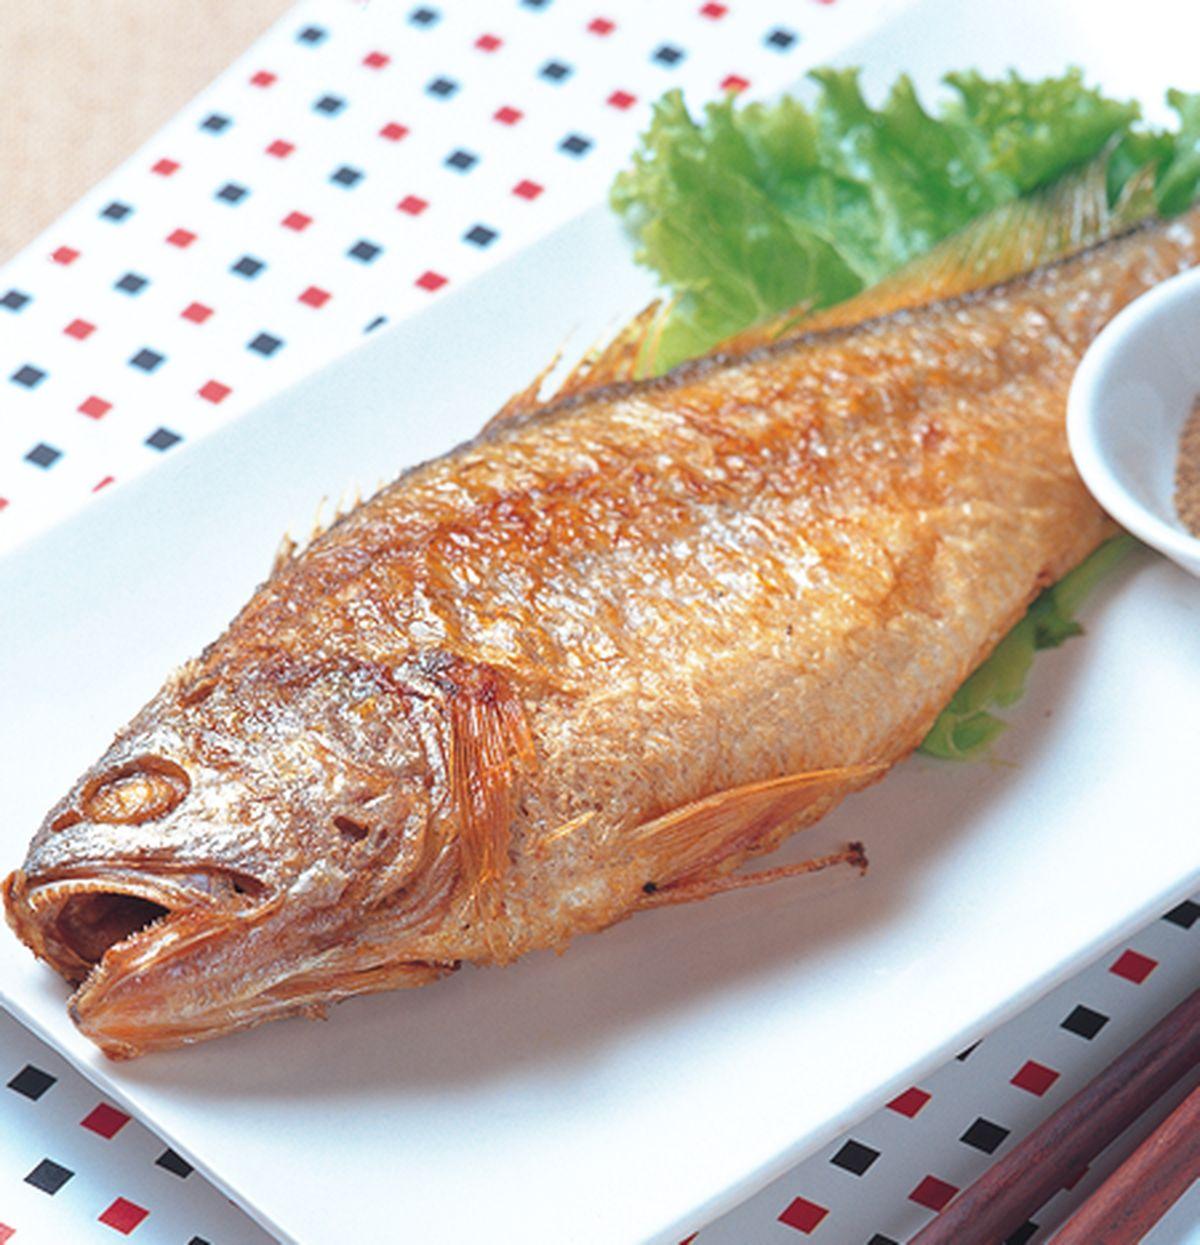 食譜:乾煎黃魚